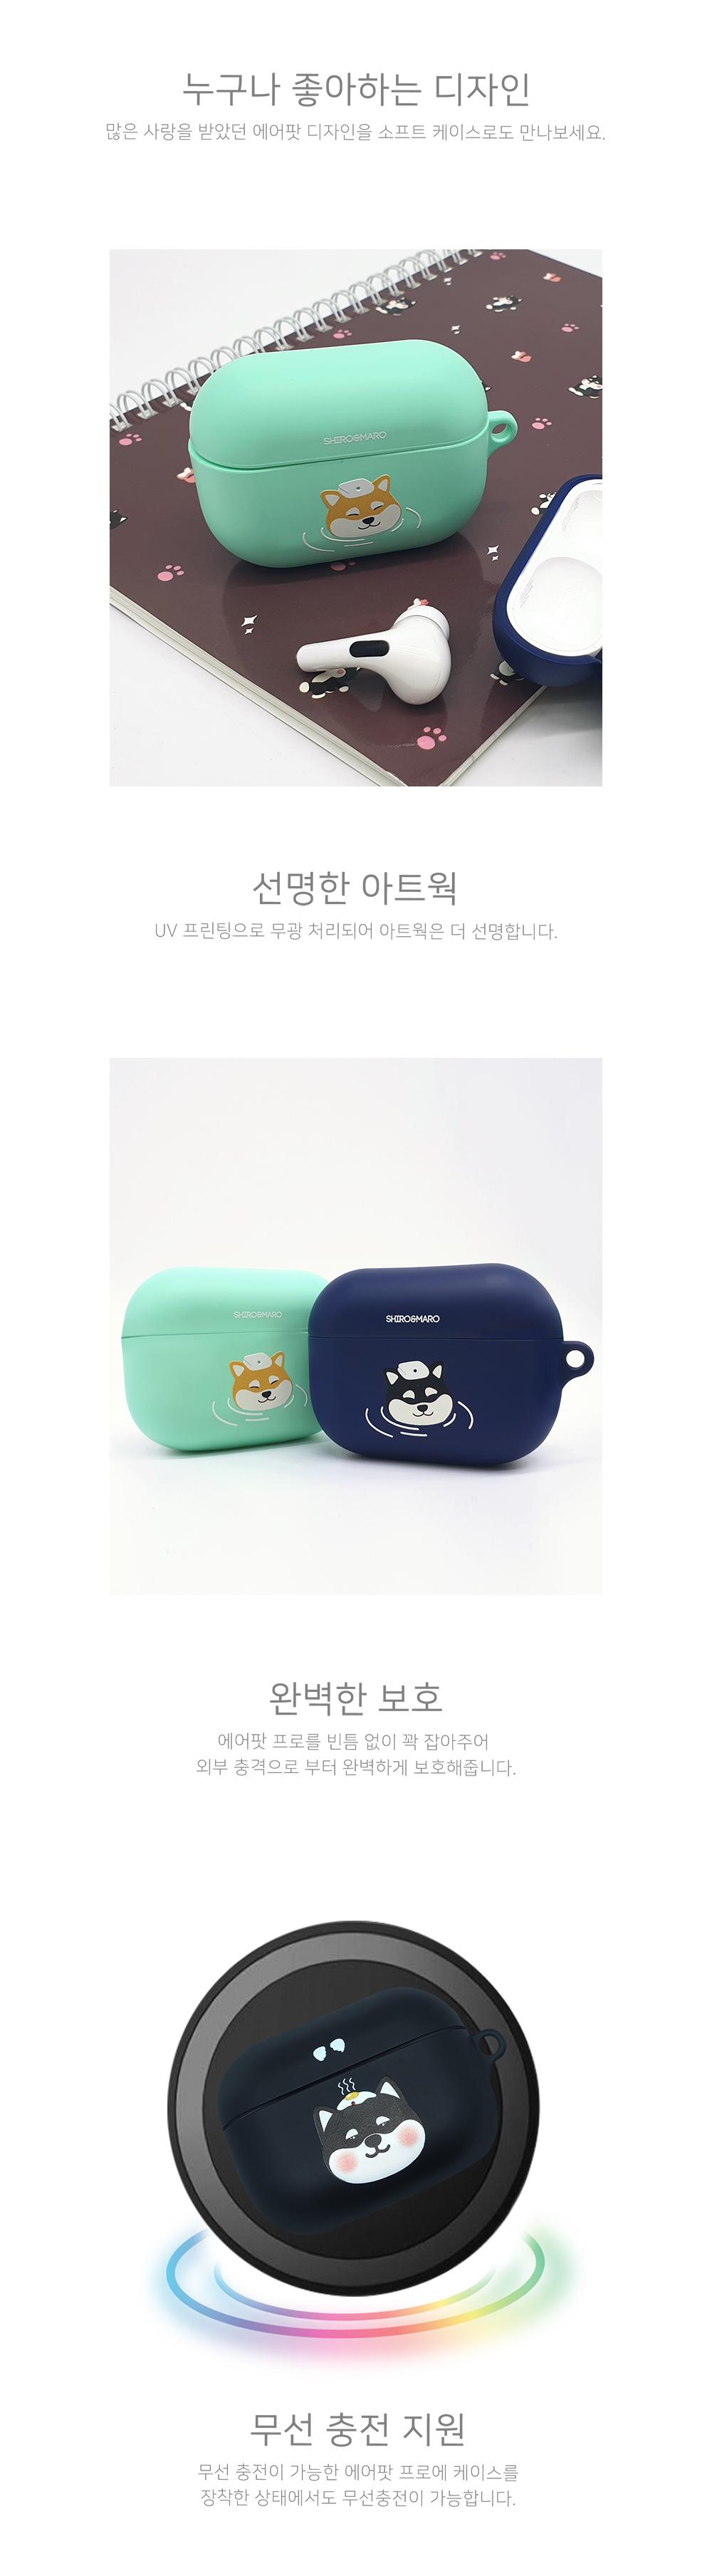 시로앤마로 에어팟프로 컬러 소프트 케이스 - 시로&마로 모바일, 14,900원, 필름/스킨, 에어팟